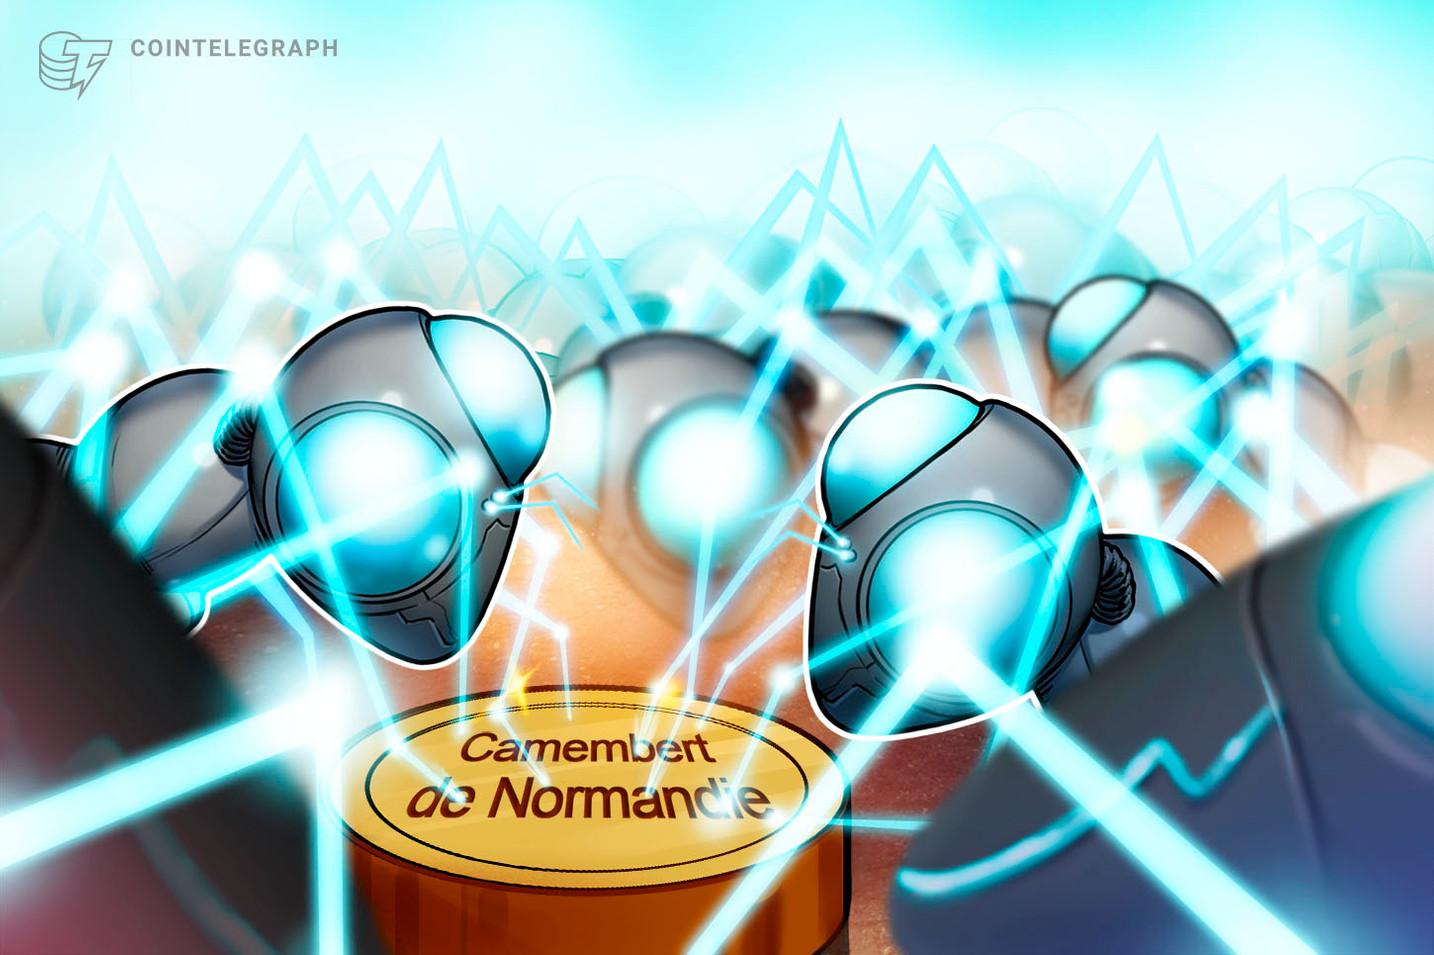 Carrefour aplicará la tecnología Blockchain al famoso queso Camembert de Normandie